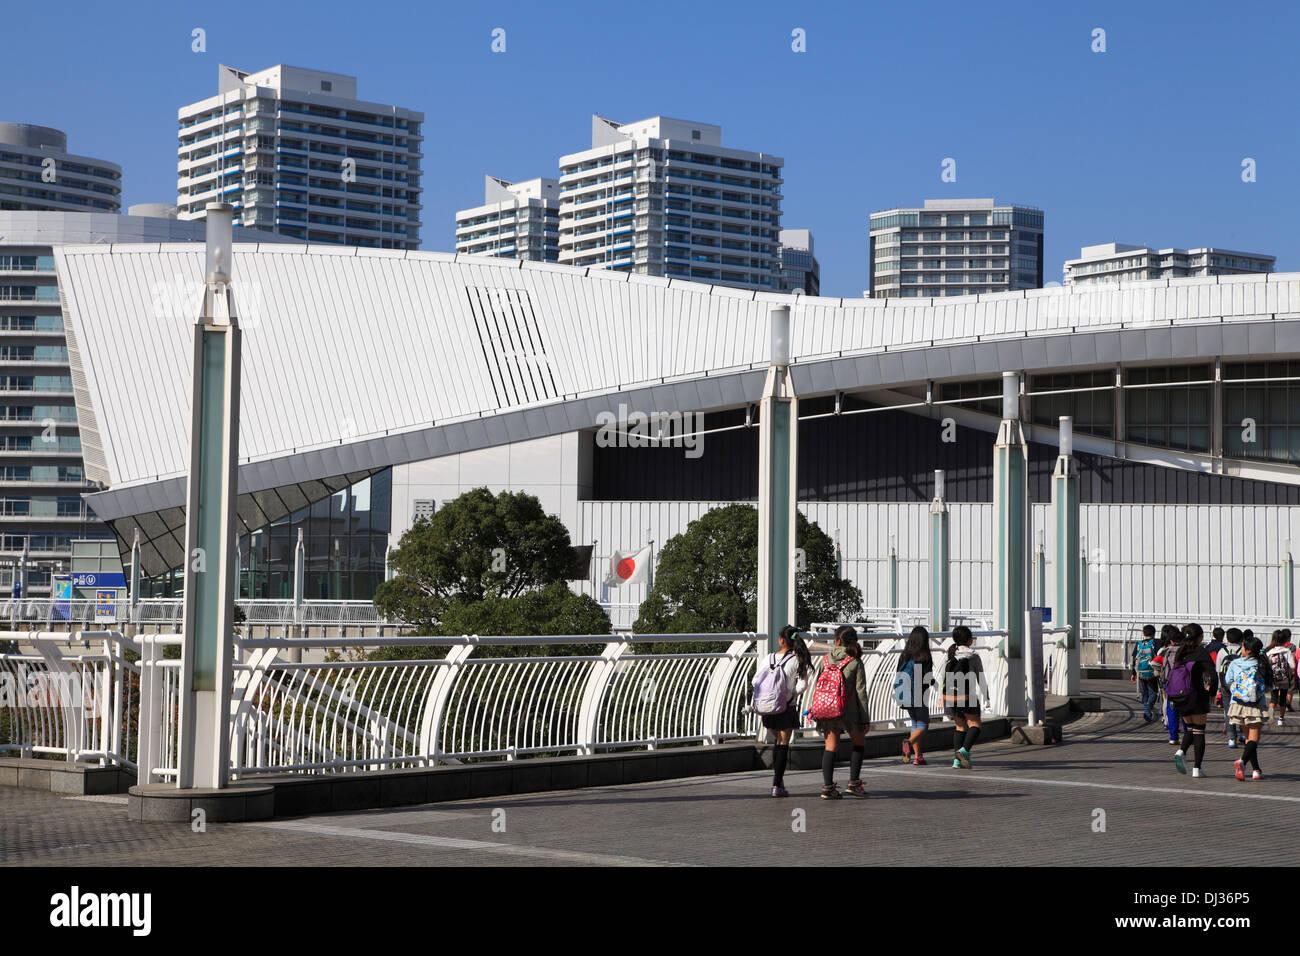 Japan, Yokohama, Minato Mirai, Exhibition Hall, - Stock Image